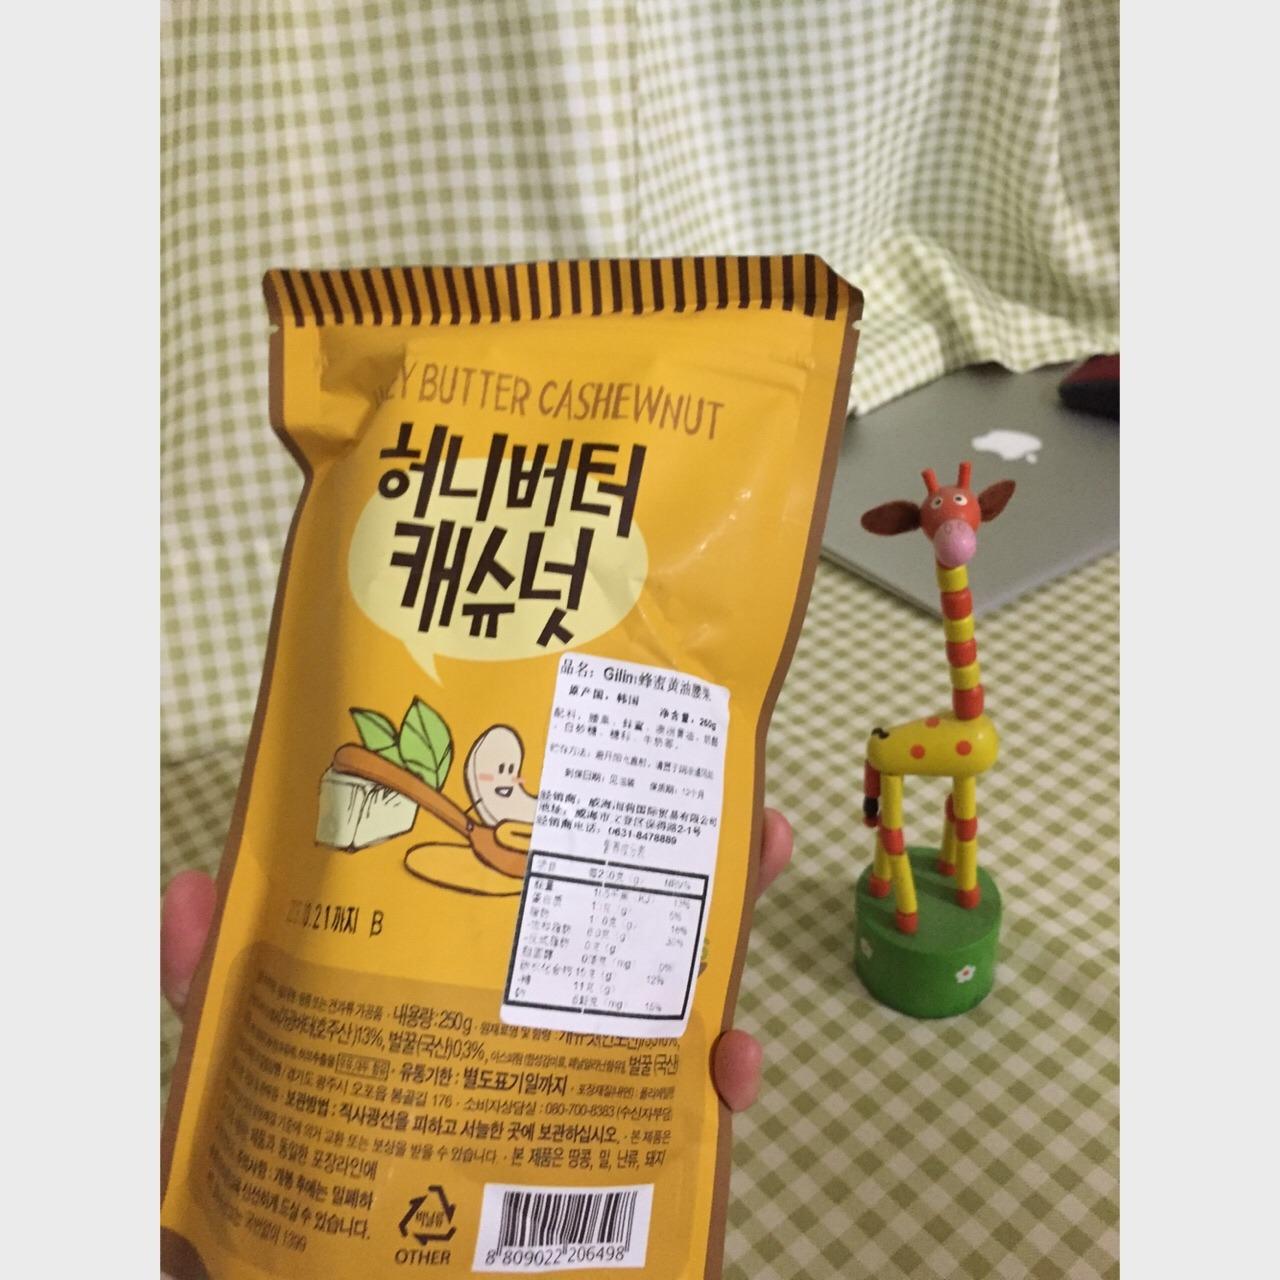 韩国gilim蜂蜜黄油腰果